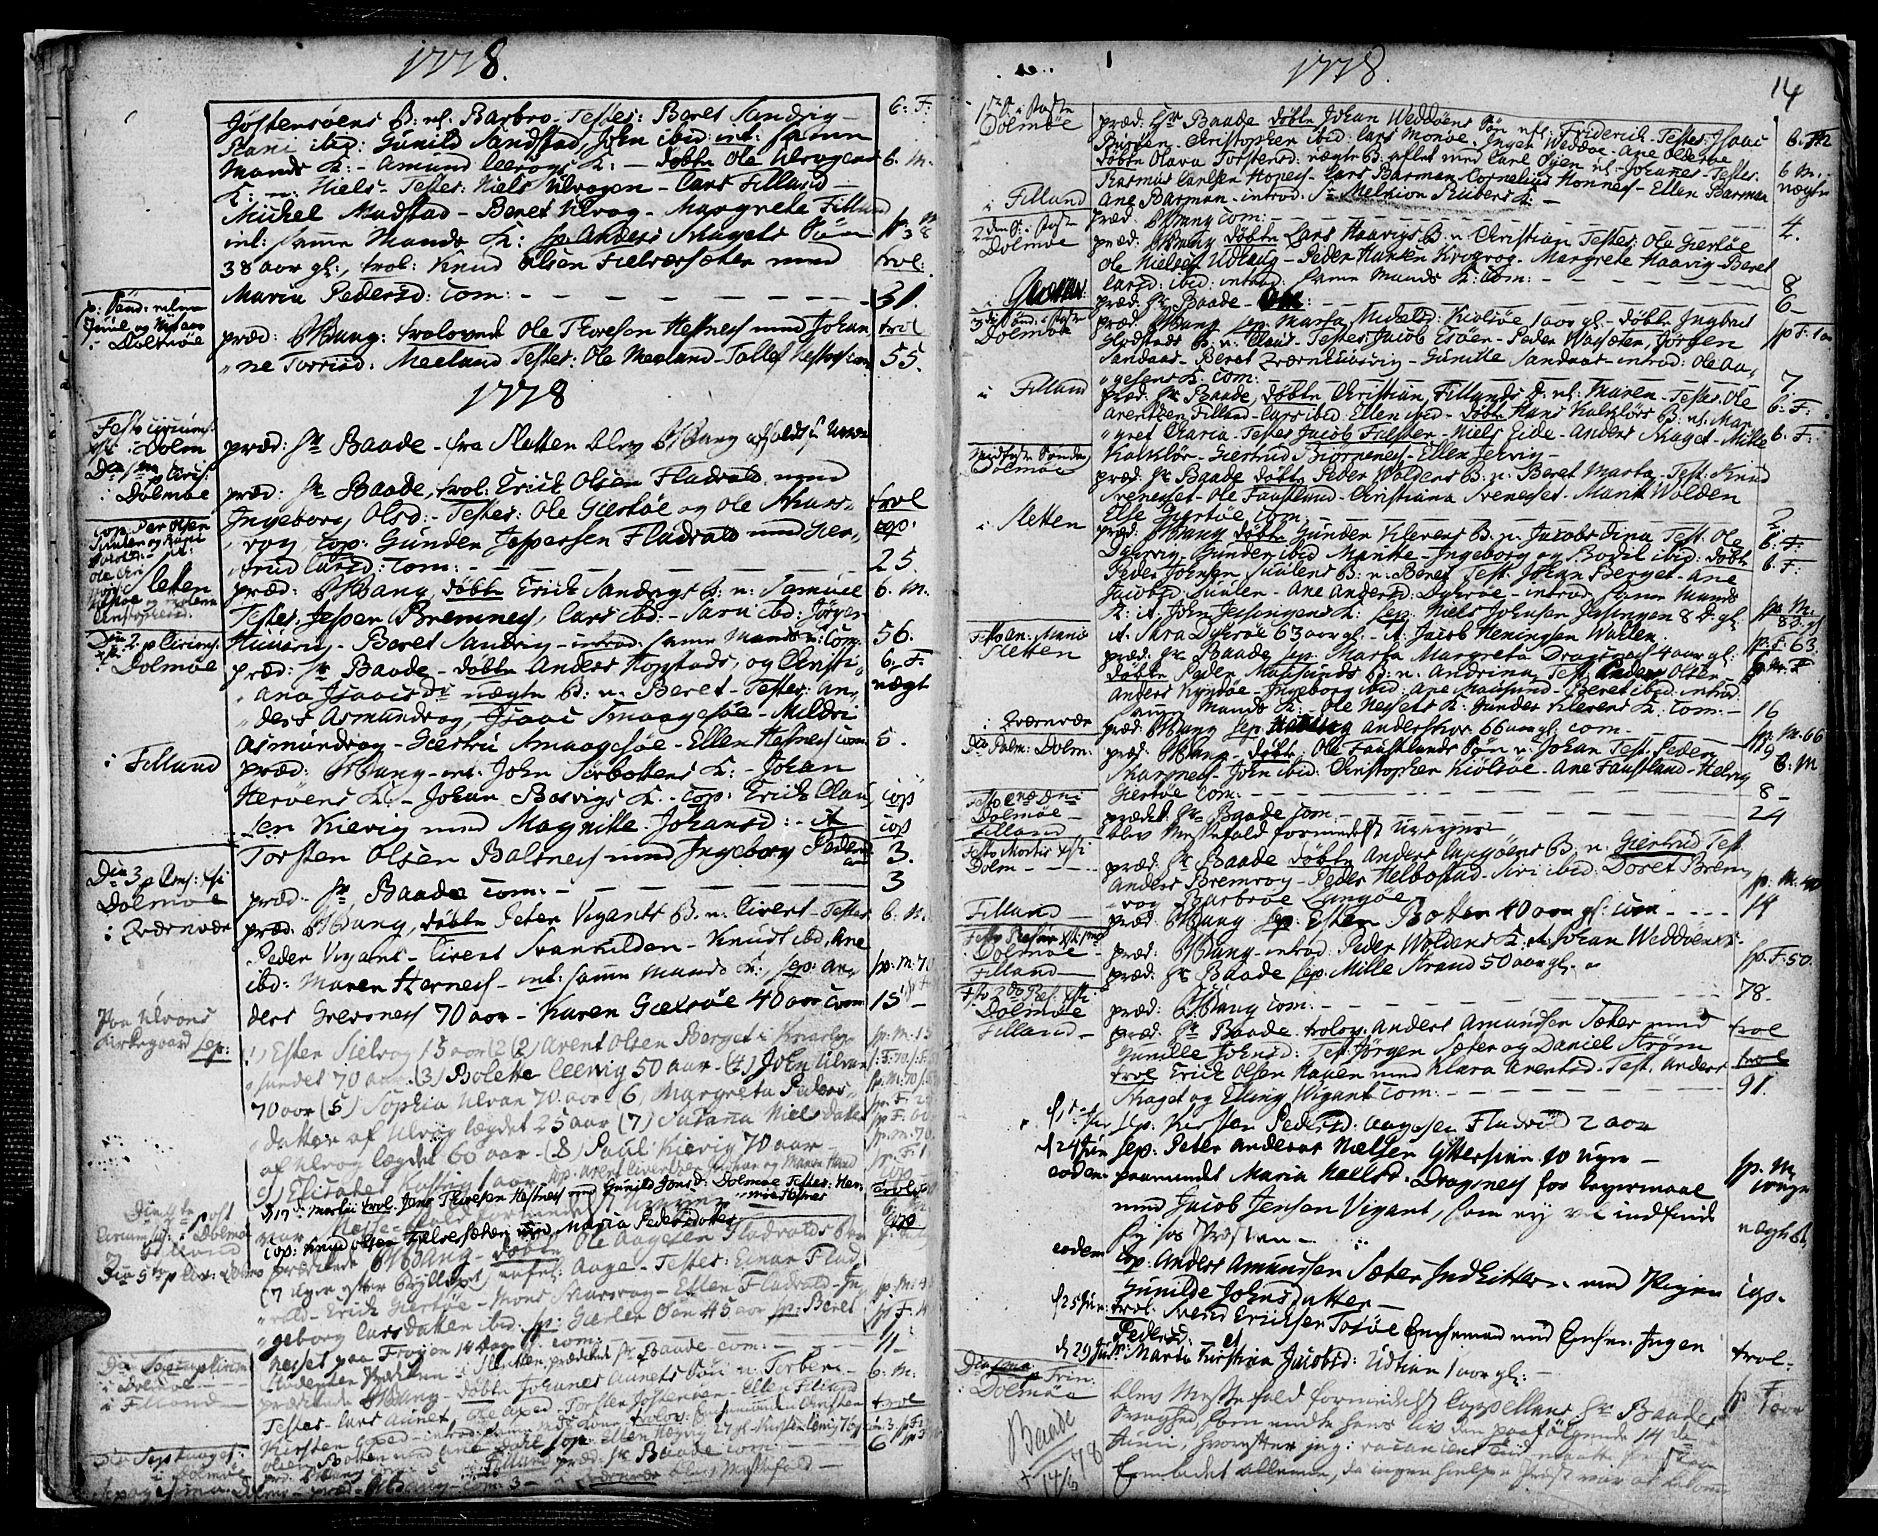 SAT, Ministerialprotokoller, klokkerbøker og fødselsregistre - Sør-Trøndelag, 634/L0526: Ministerialbok nr. 634A02, 1775-1818, s. 14